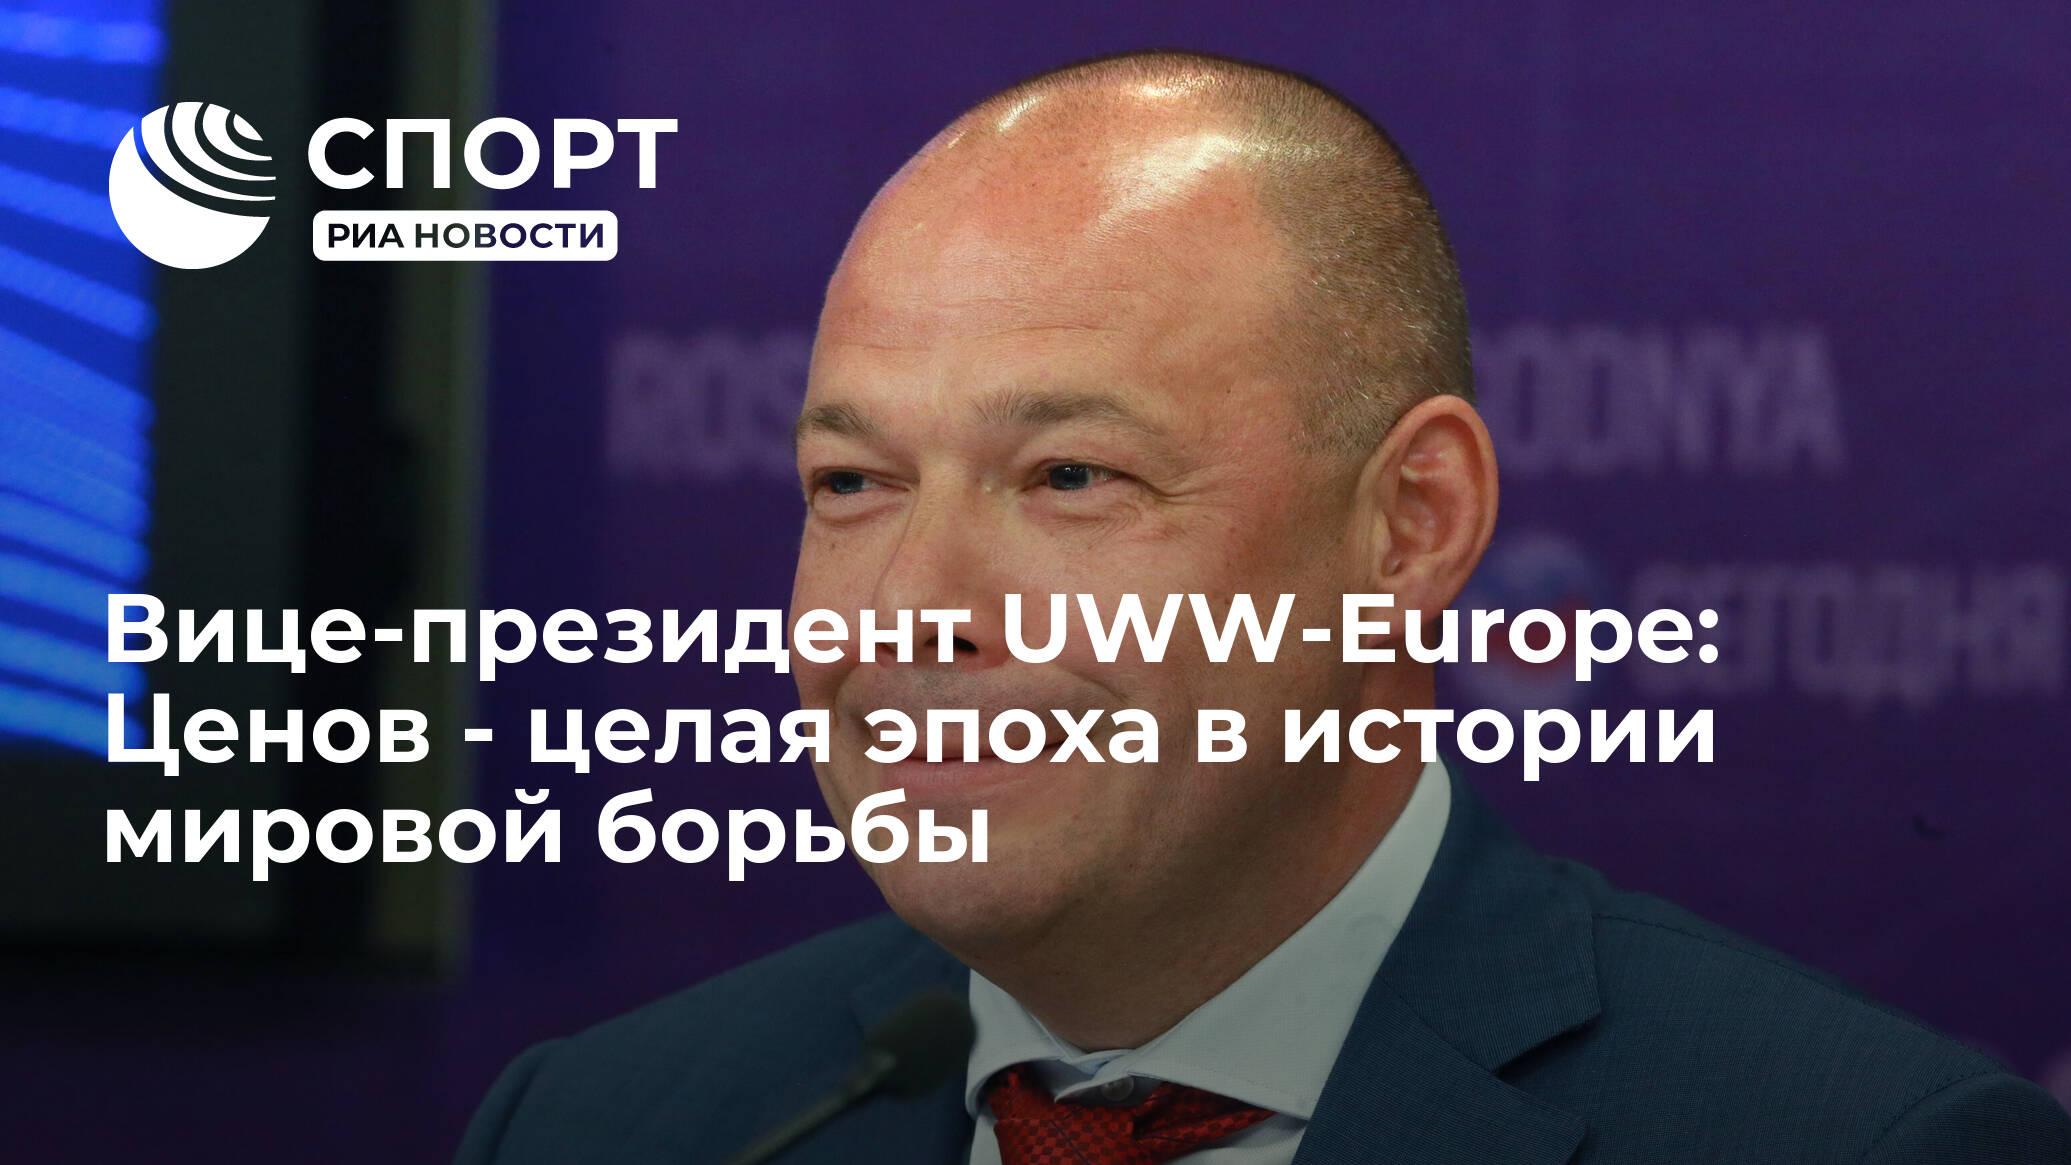 Вице-президент UWW-Europe: Ценов - целая эпоха в истории мировой борьбы